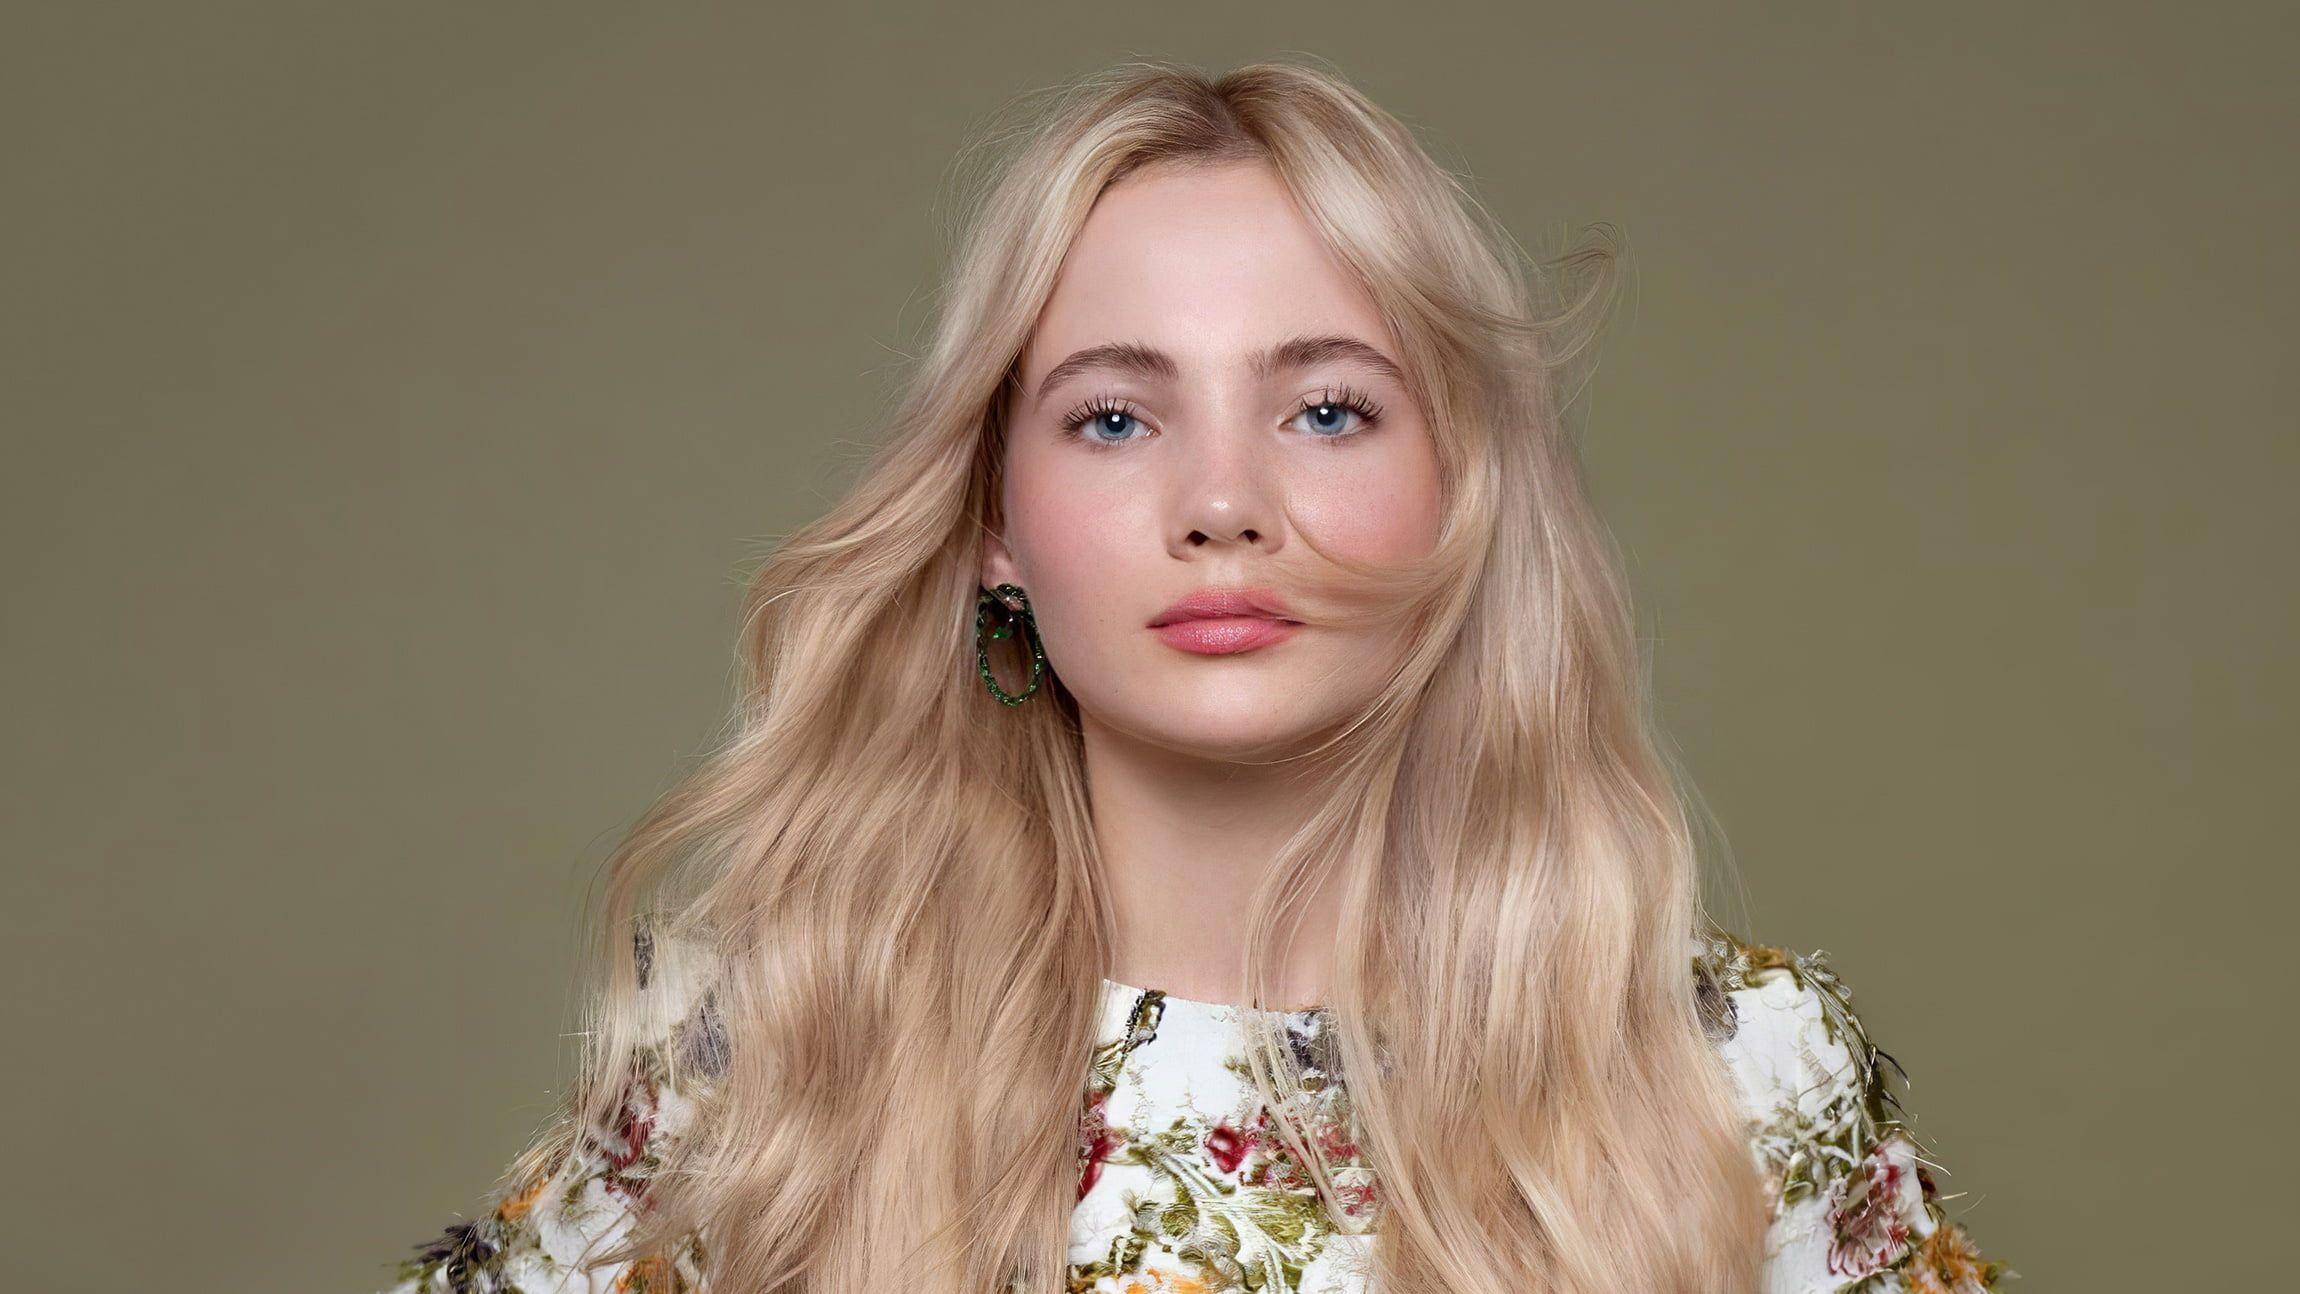 Actresses Freya Allan Blonde Blue Eyes English Girl Long Hair 1080p Wallpaper Hdwallpaper Desktop In 2020 Long Hair Styles Long Hair Girl Actresses